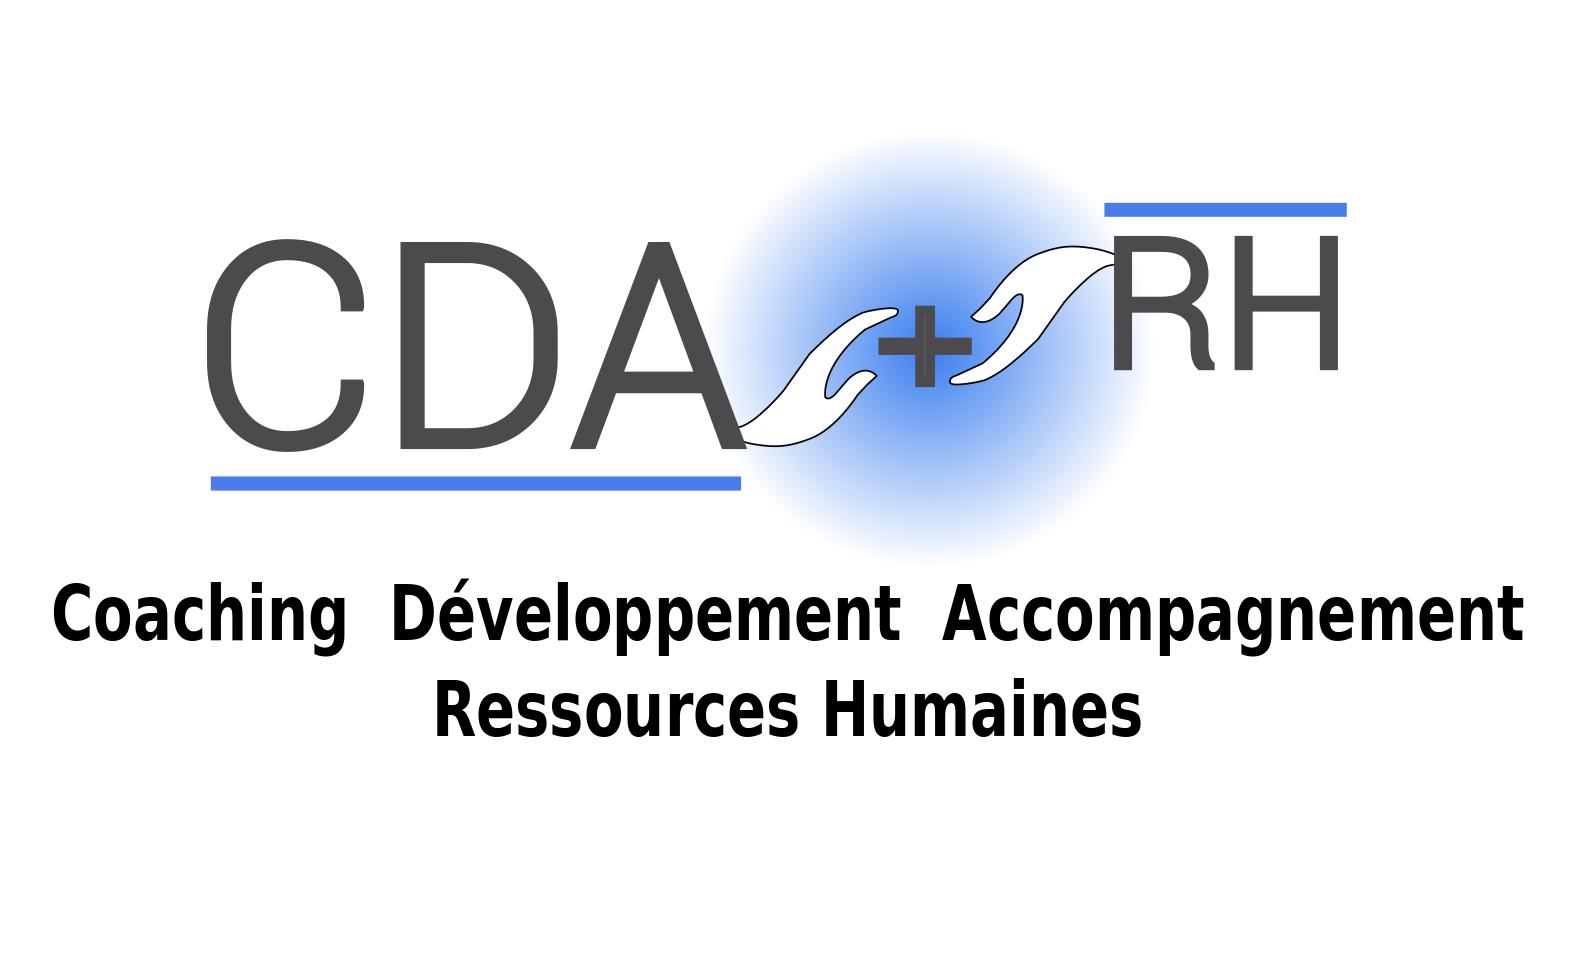 CDA+RH